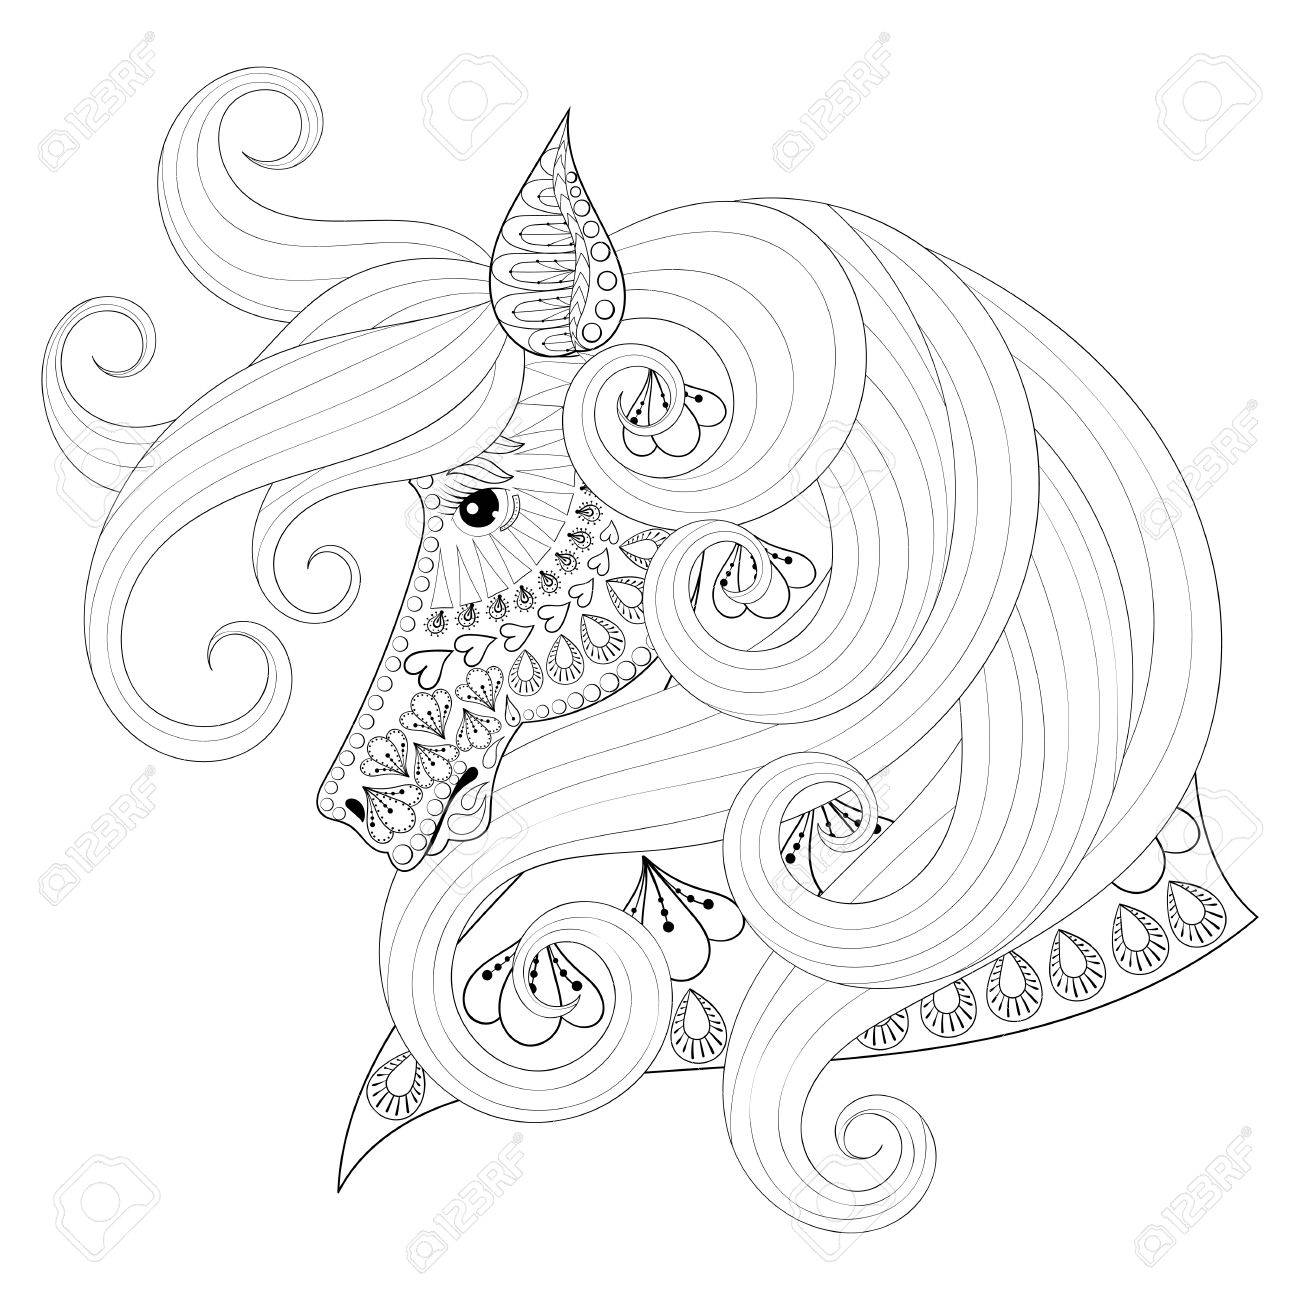 Kleurplaten Voor Volwassenen Giraf.Getrokken Ornamental Paard Voor Volwassen Kleurplaten Post Kaart